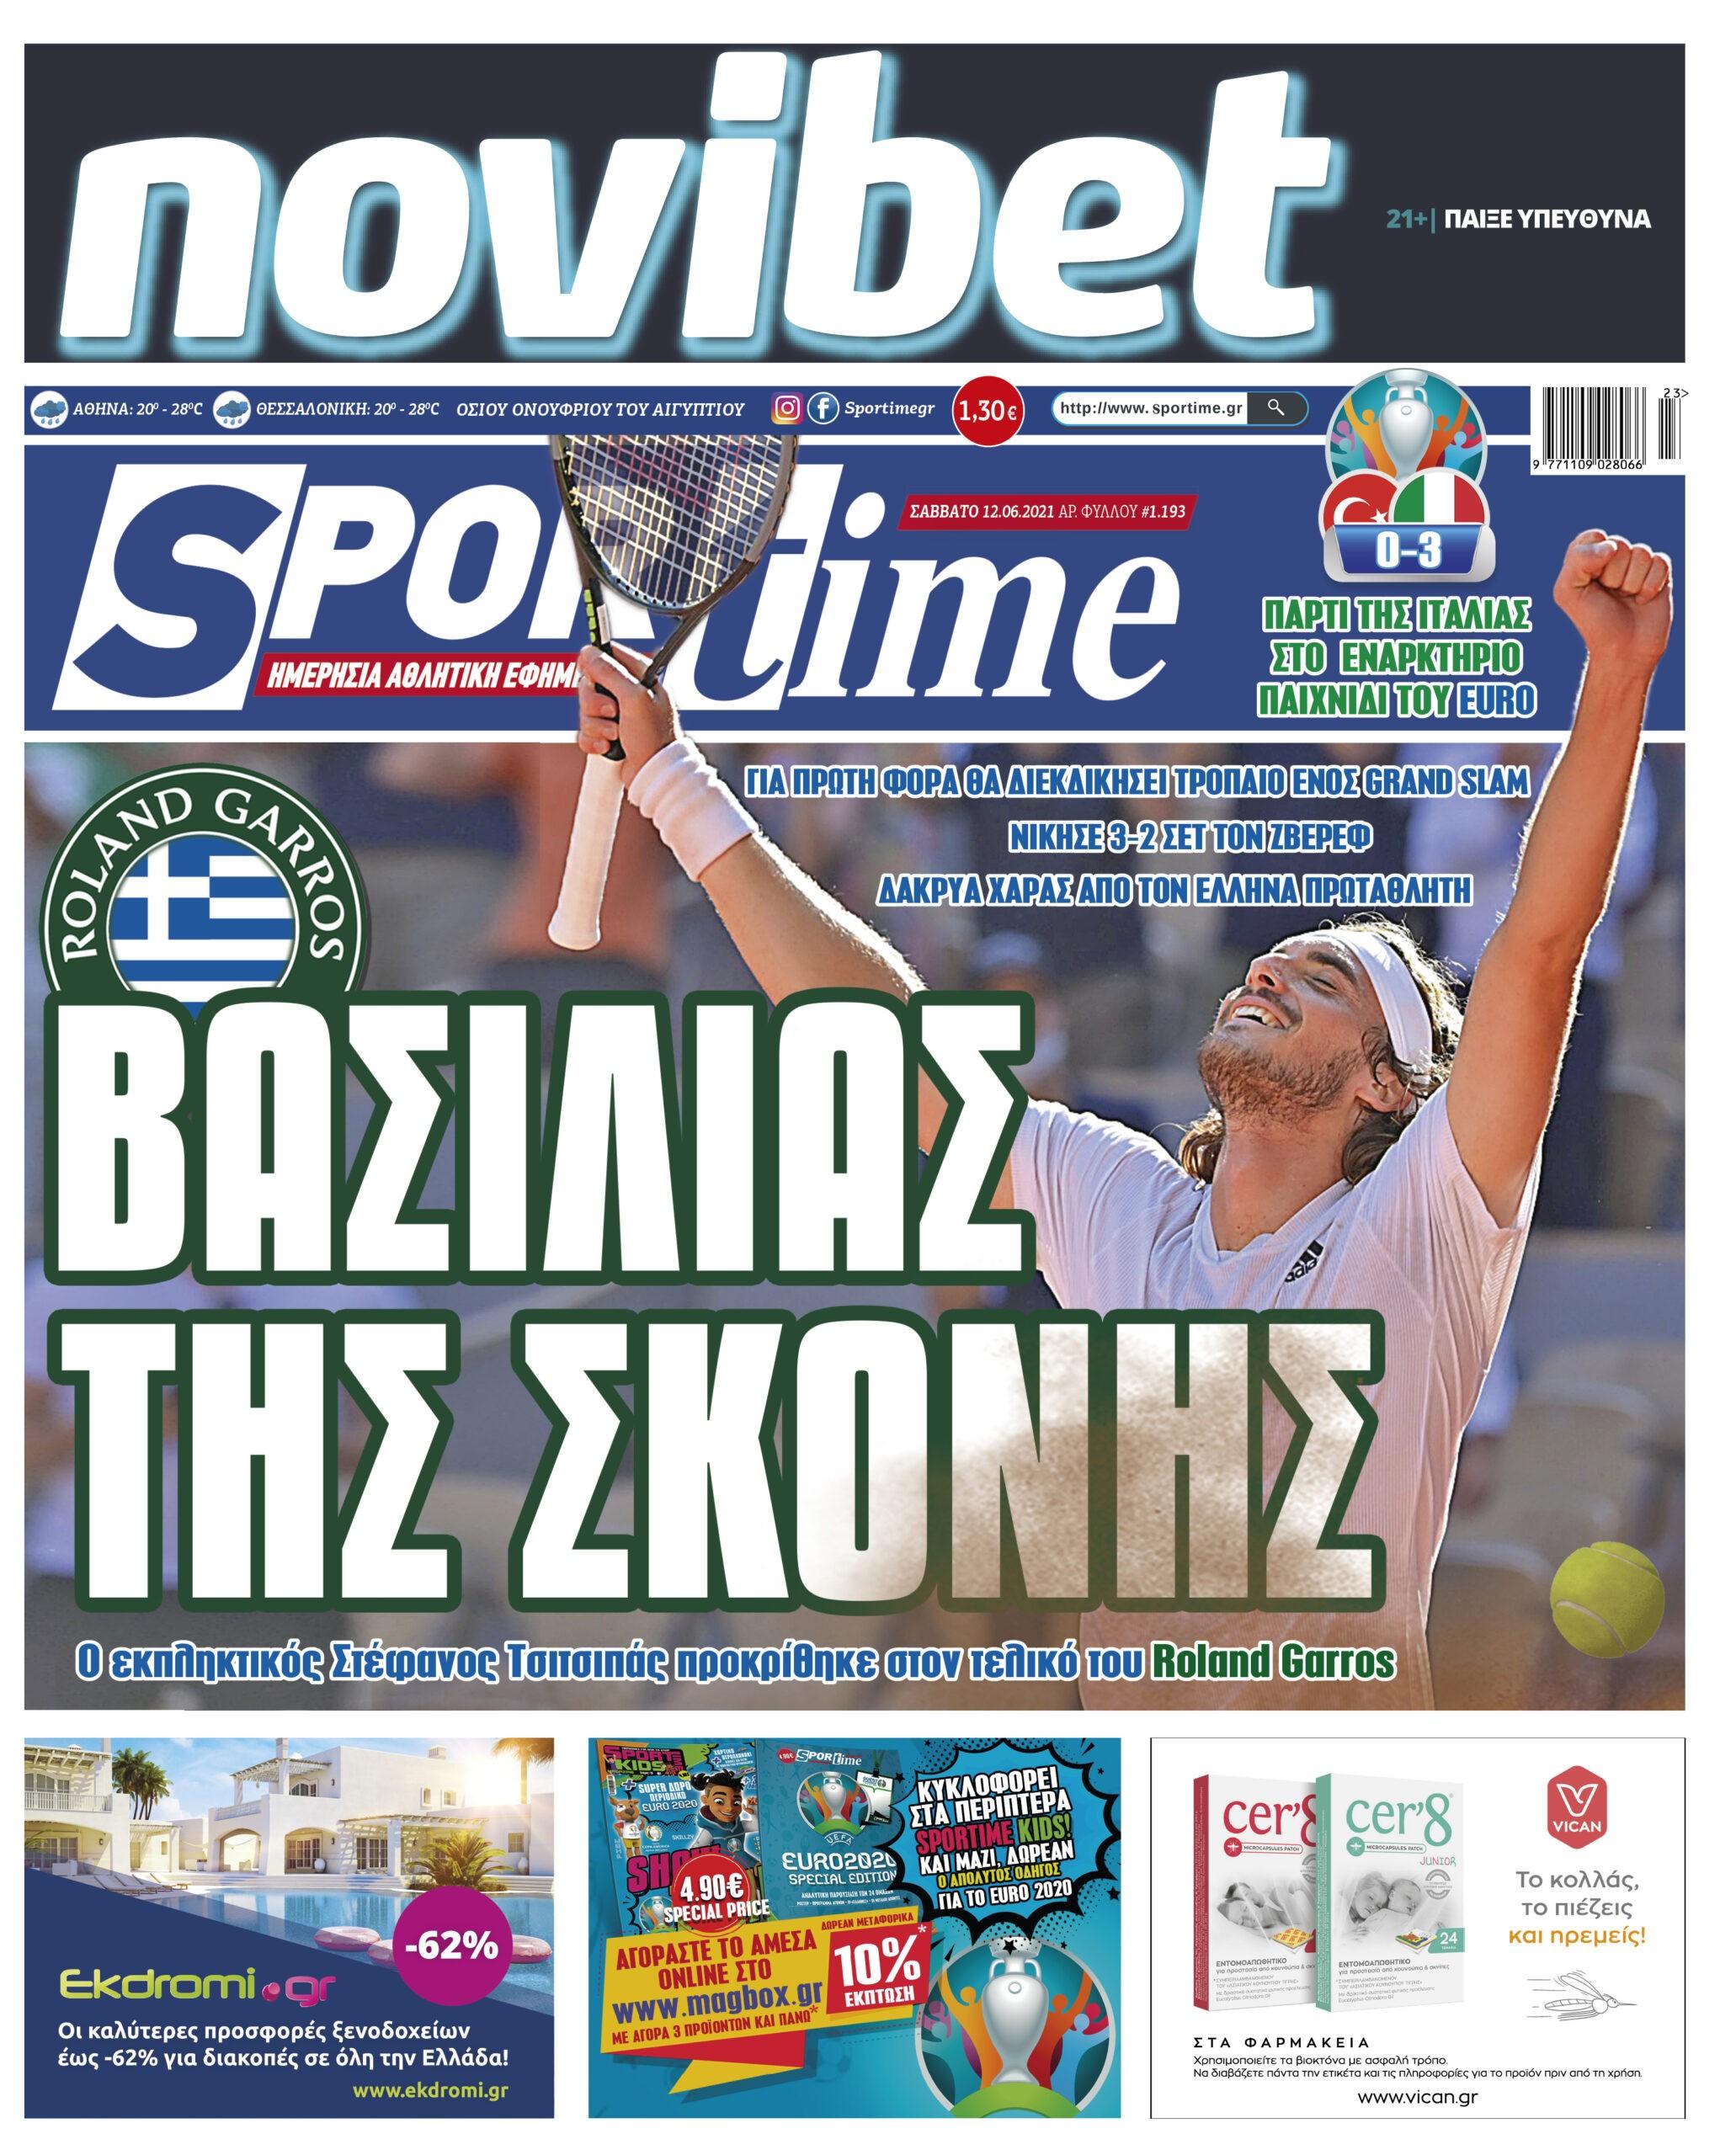 Εφημερίδα SPORTIME - Εξώφυλλο φύλλου 12/6/2021